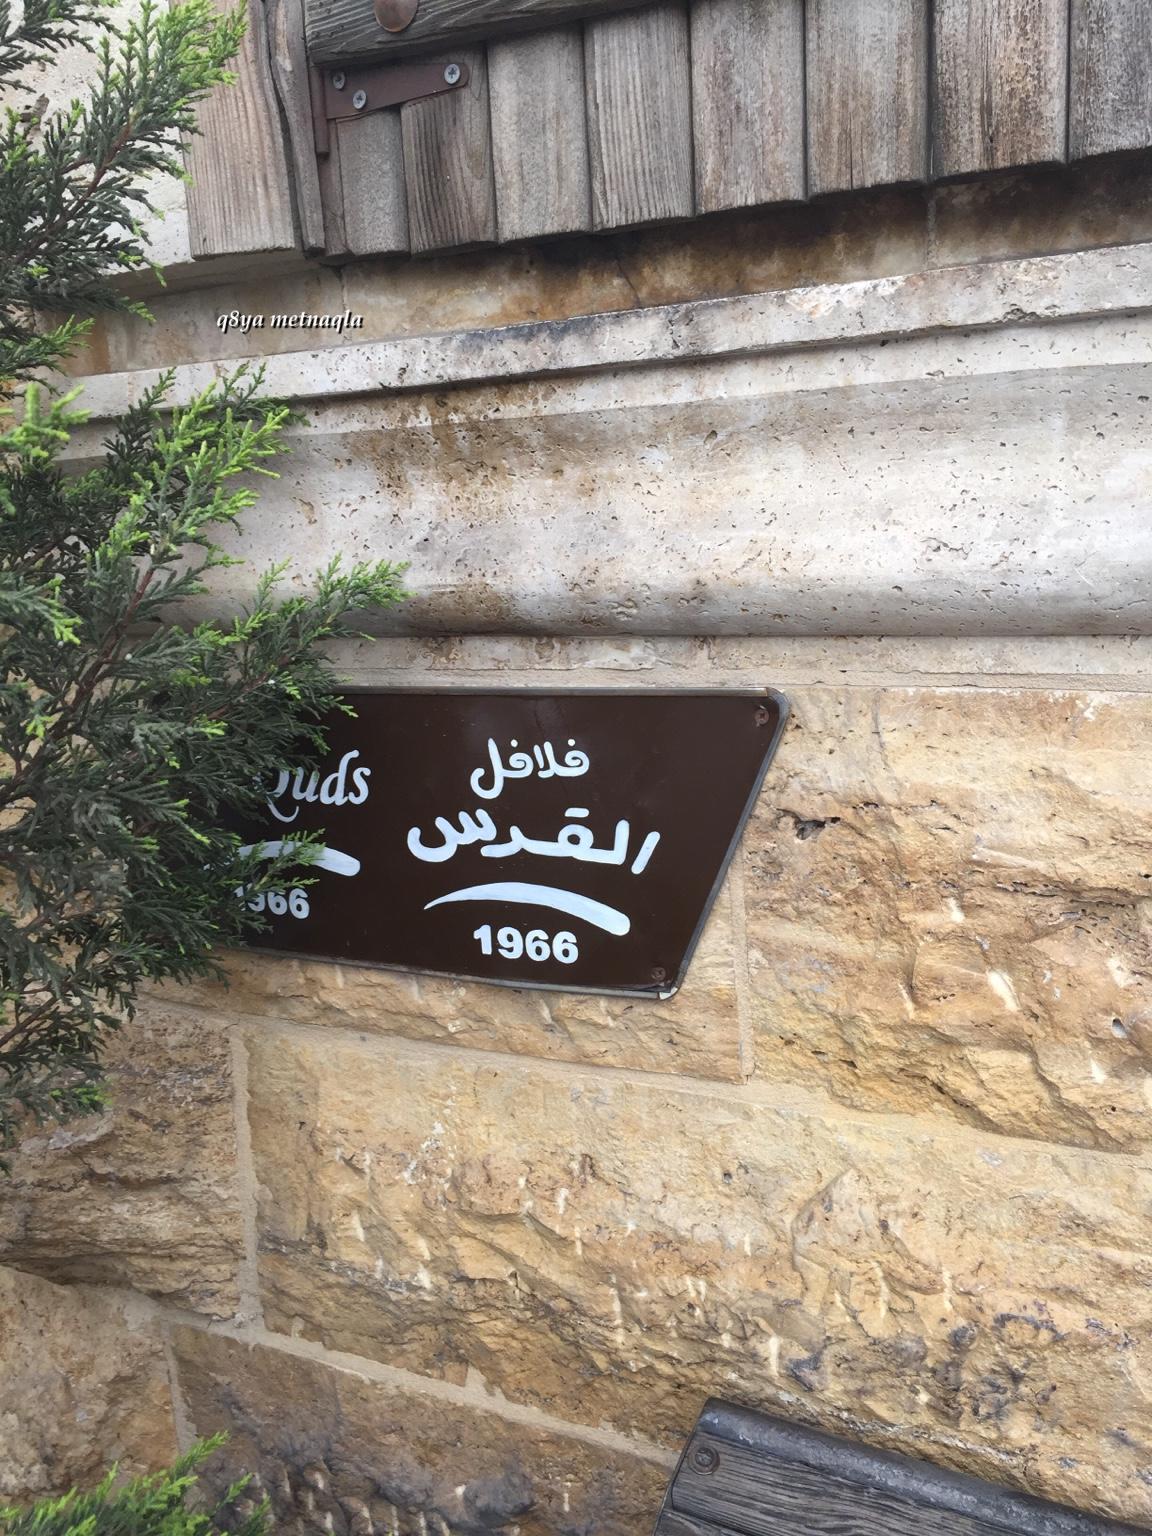 639337 المسافرون العرب ارض النشامى